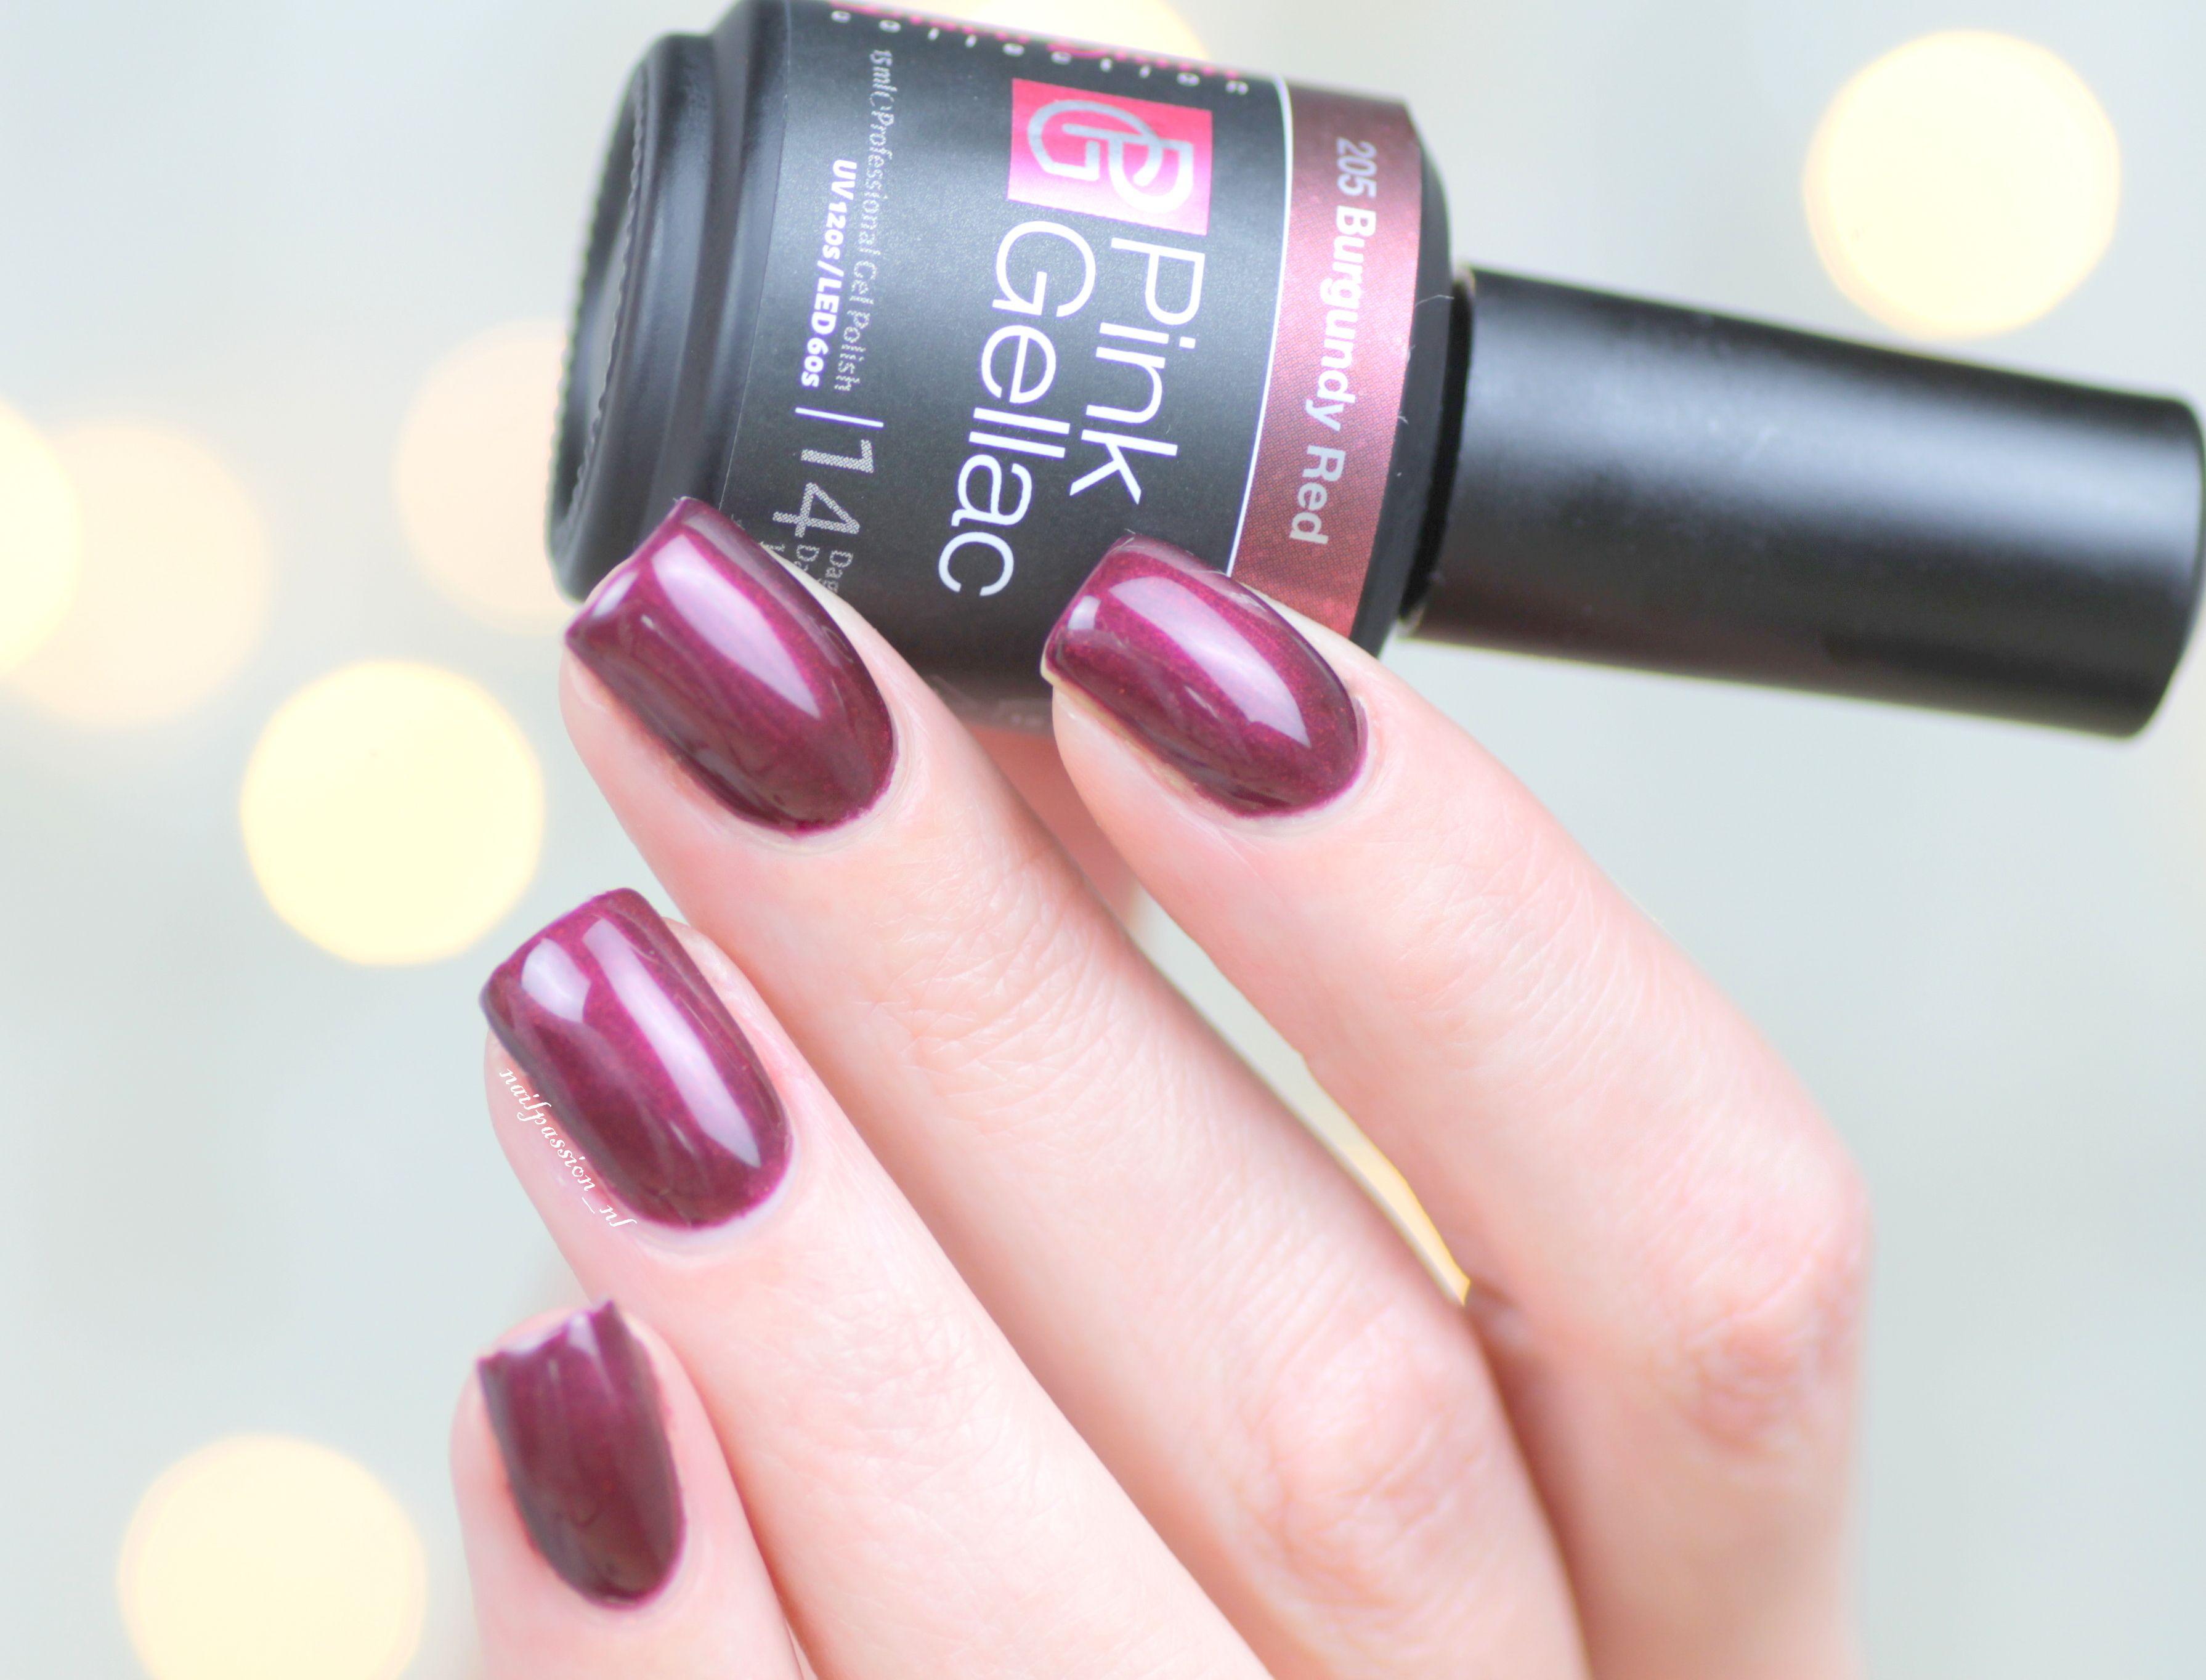 Uitgelezene Pink Gellac Disco Glam Collection • 205 Burgundy Red | Nails WM-51